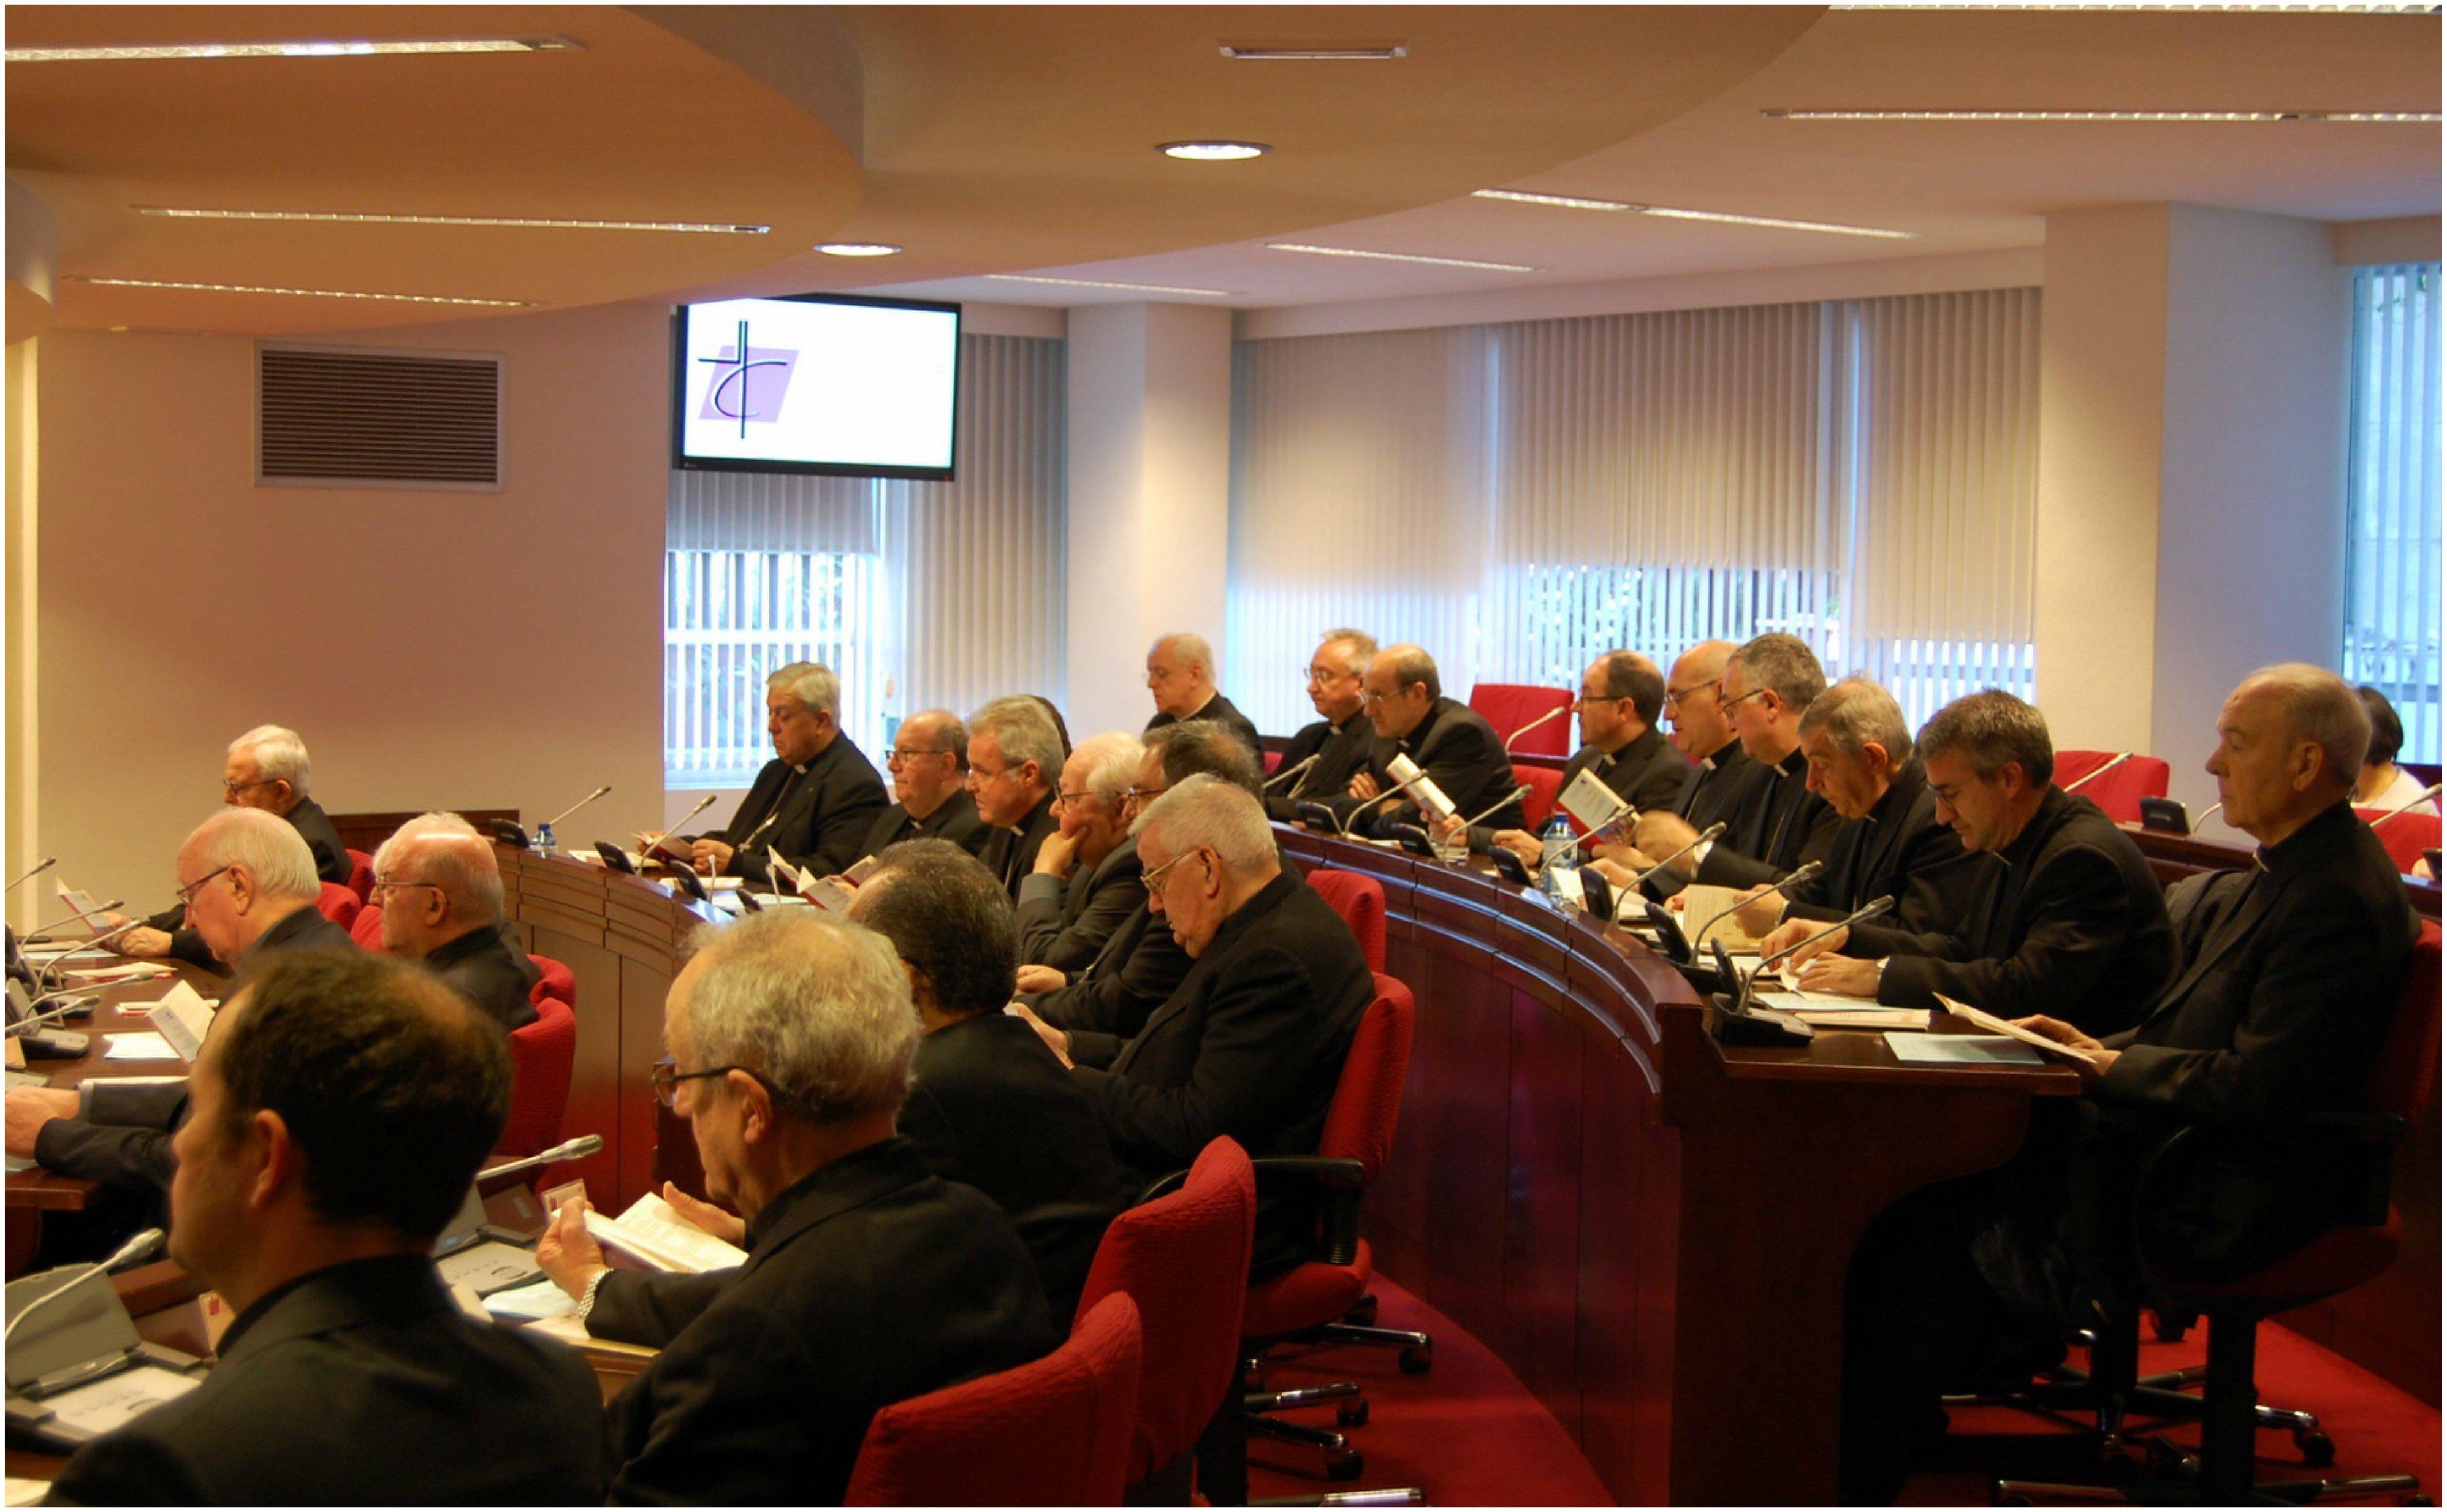 Y Sánchez doblegó a los obispos españoles: peligroso precedente